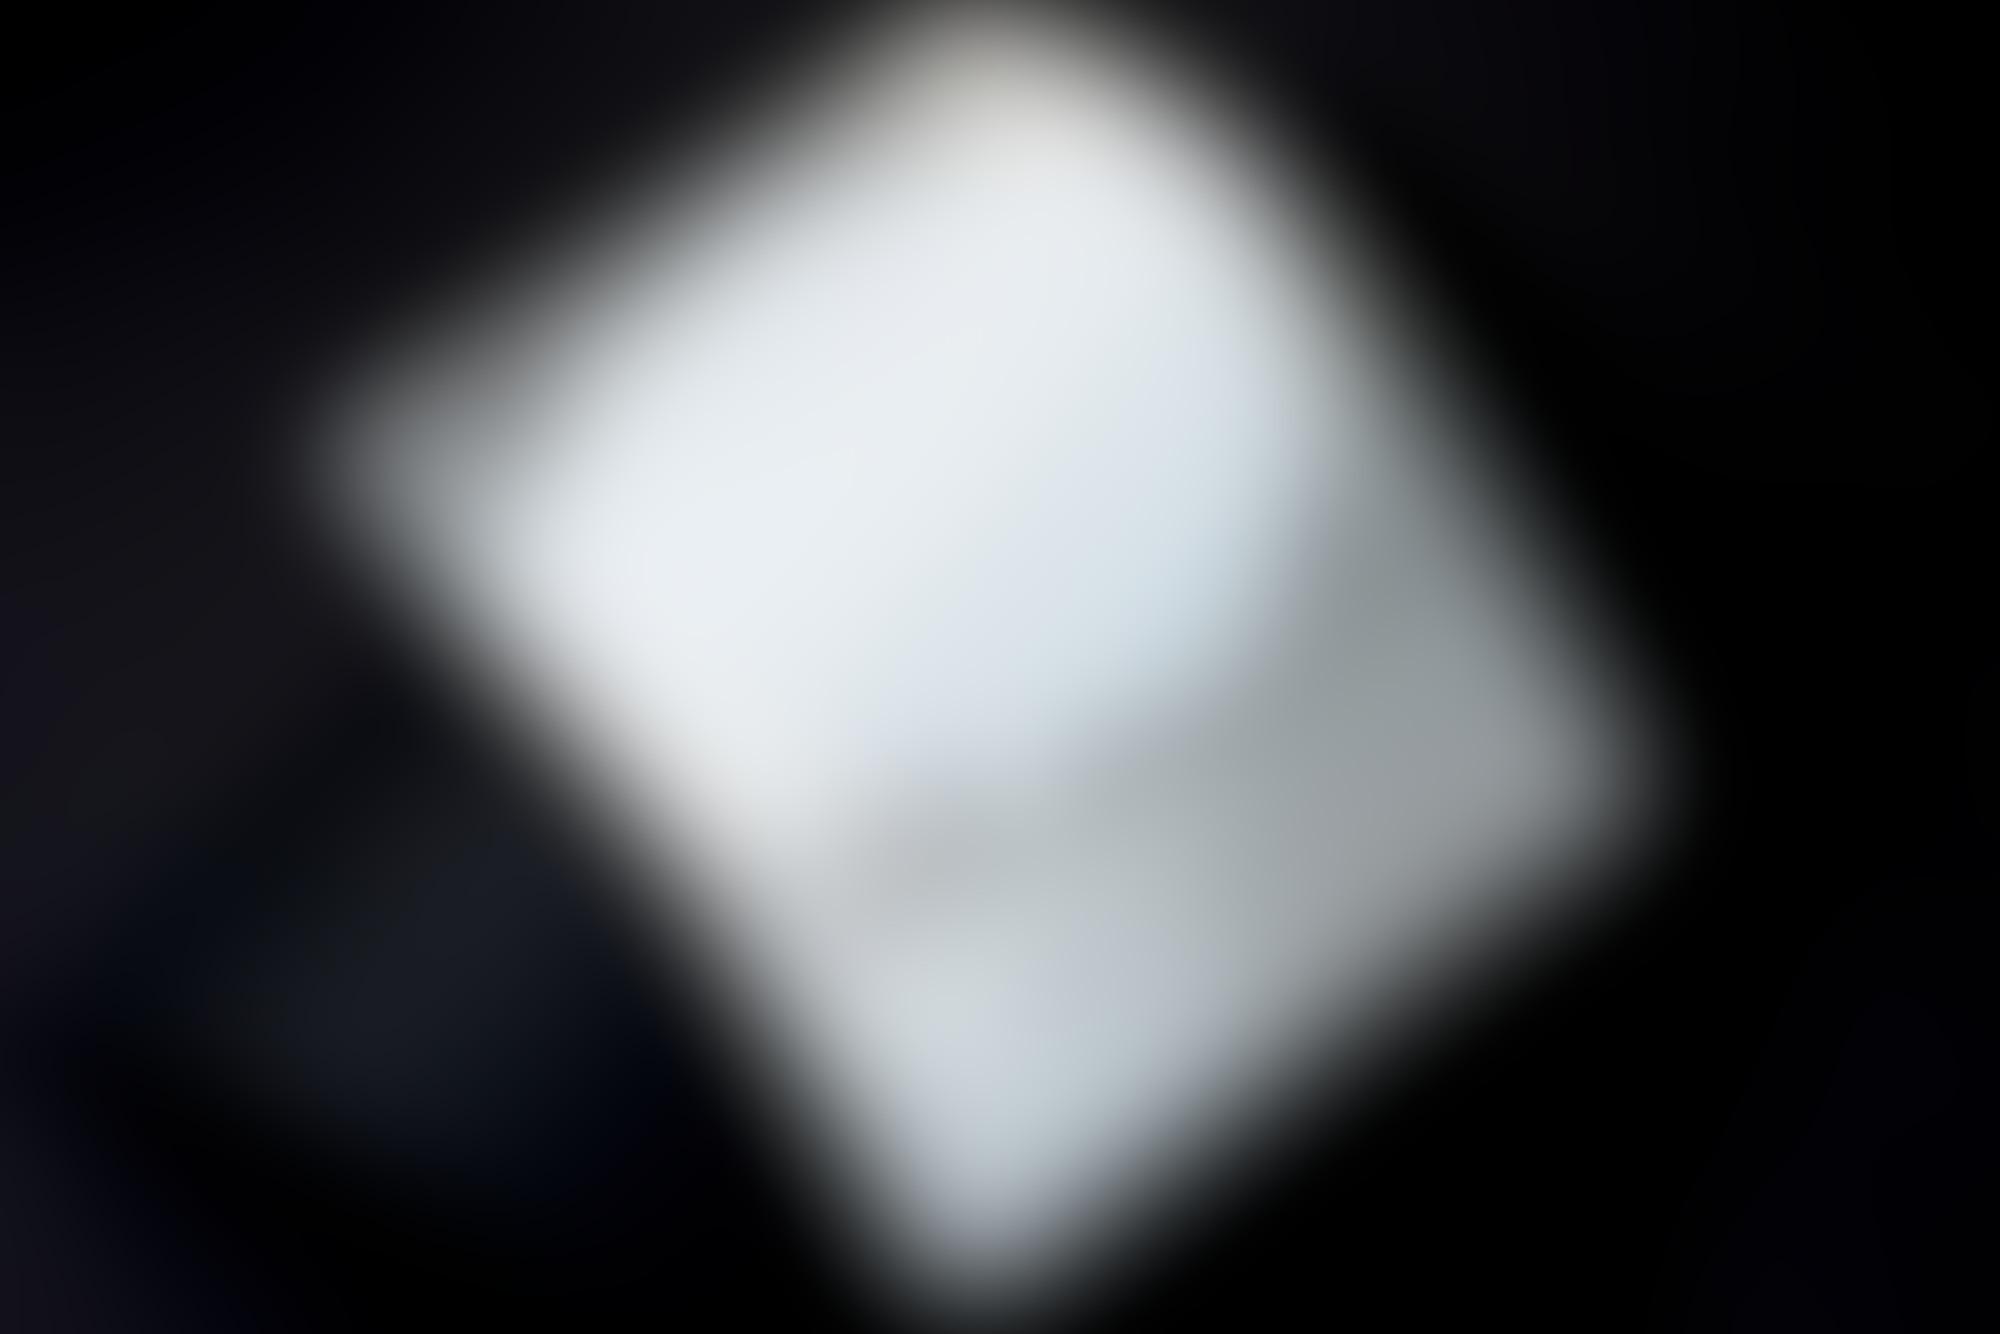 Warriors studio new worlds 1000 wide lip1 autocompressfitresizeixlibphp 1 1 0max h2000max w3 D2000q80s45a1473ec3965009ac55e7e010f53d95